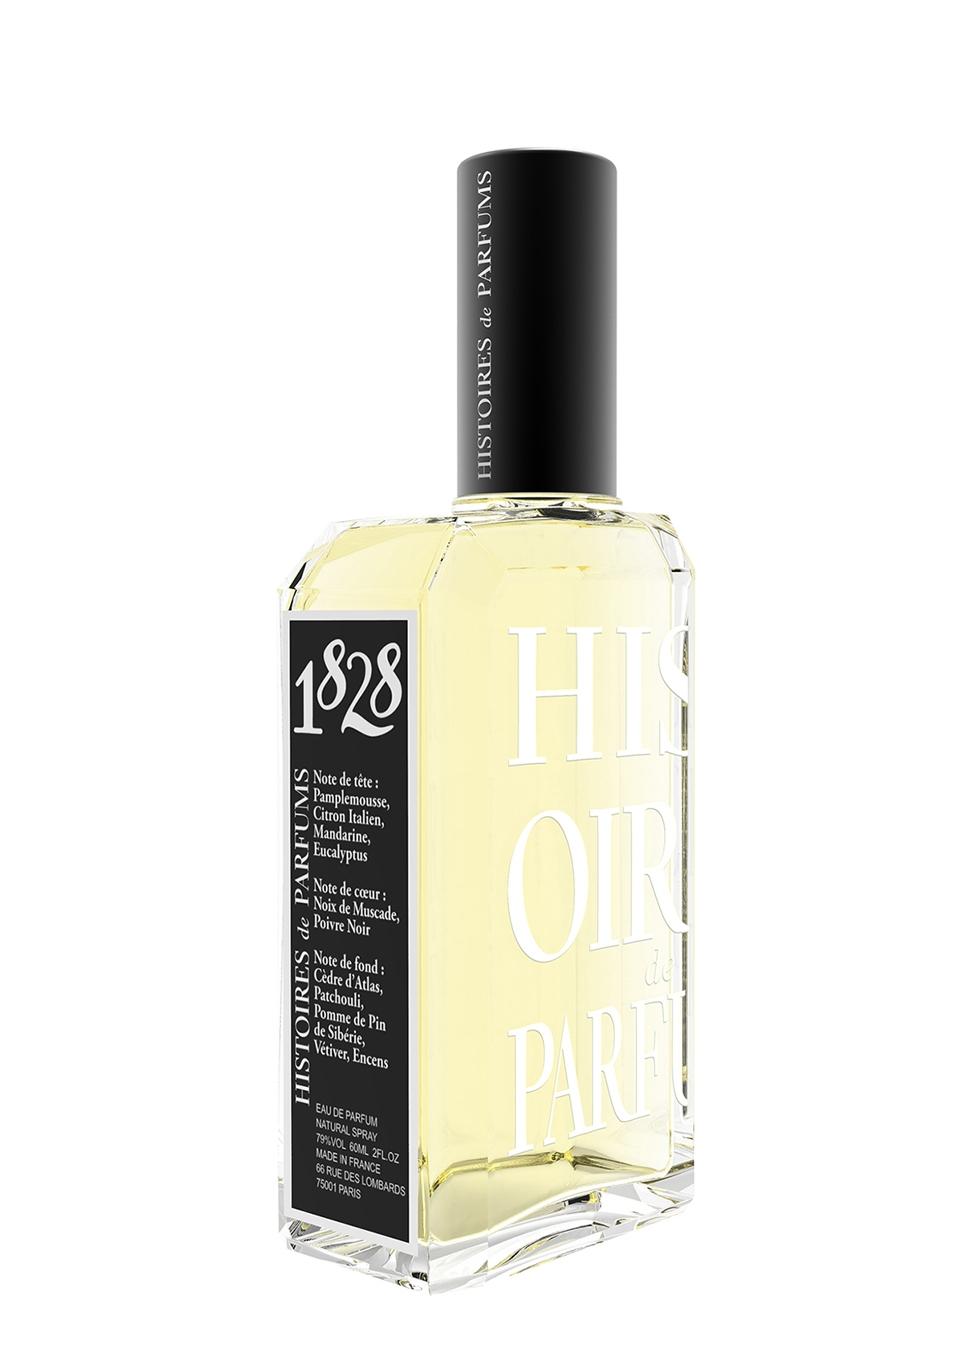 1828 Eau De Parfum 60ml - Histoires de Parfums